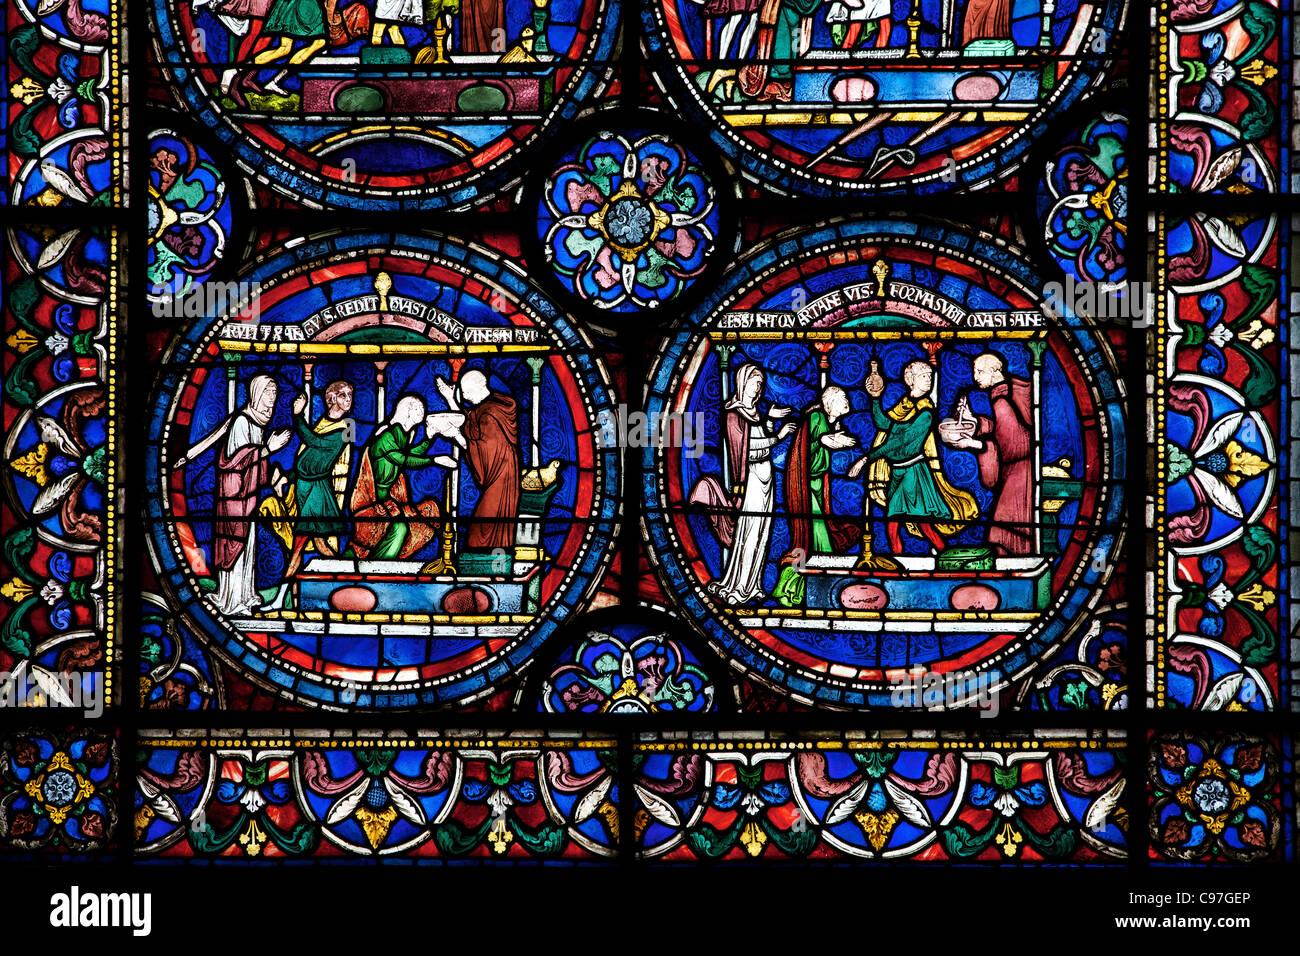 Heilung der Ethelreda durch Blut von St. Thomas, North ambulante n, IV, Trinity Chapel ambulante, mittelalterliche Stockbild